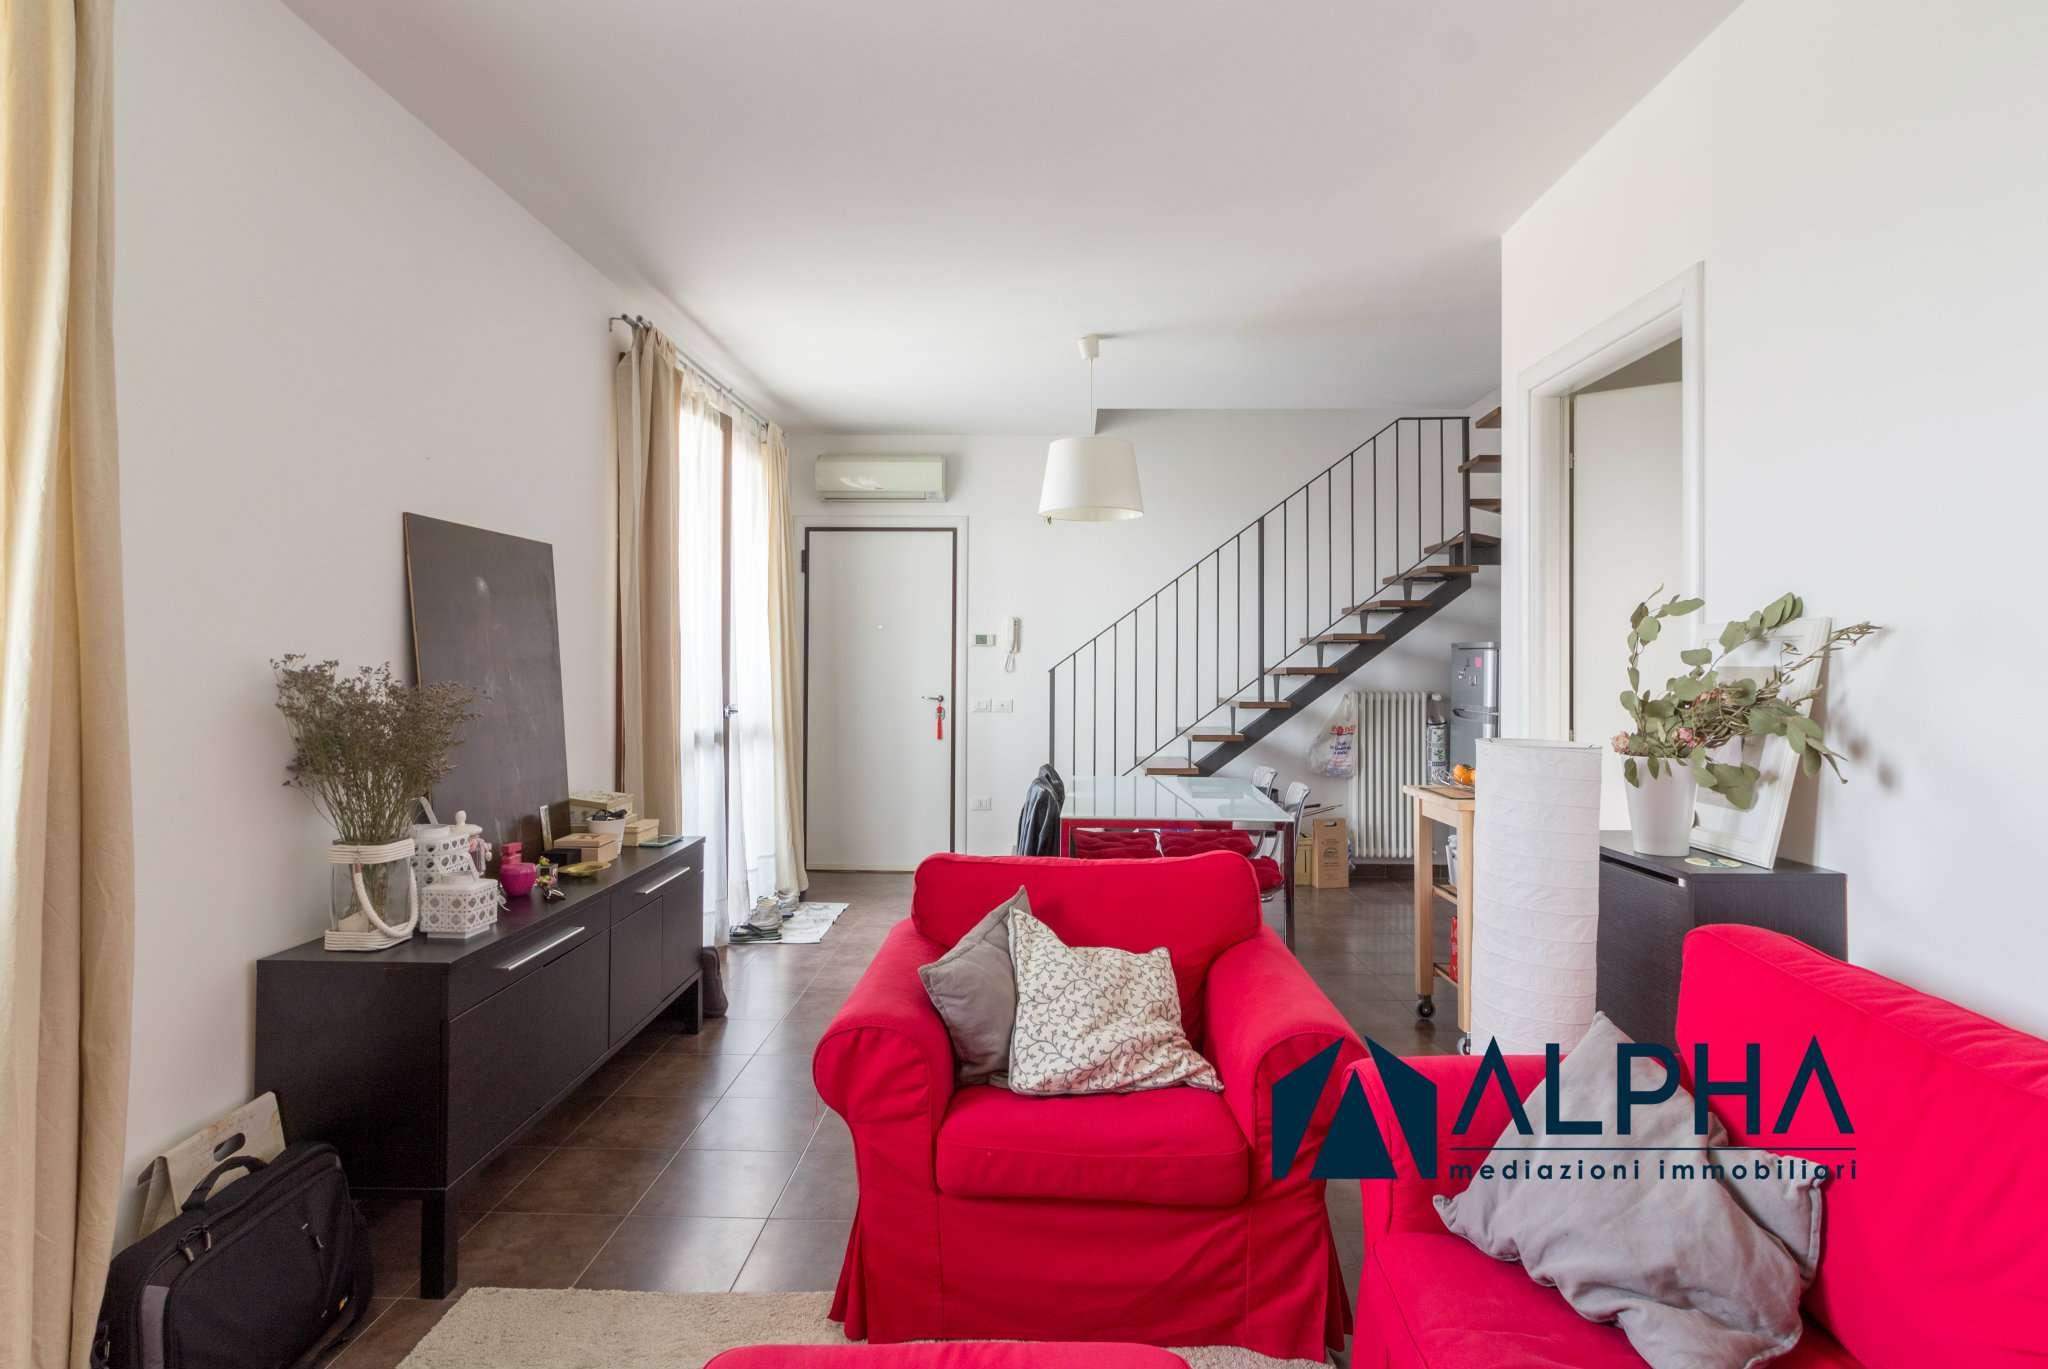 Appartamento bilocale in vendita a Cesena (FC)